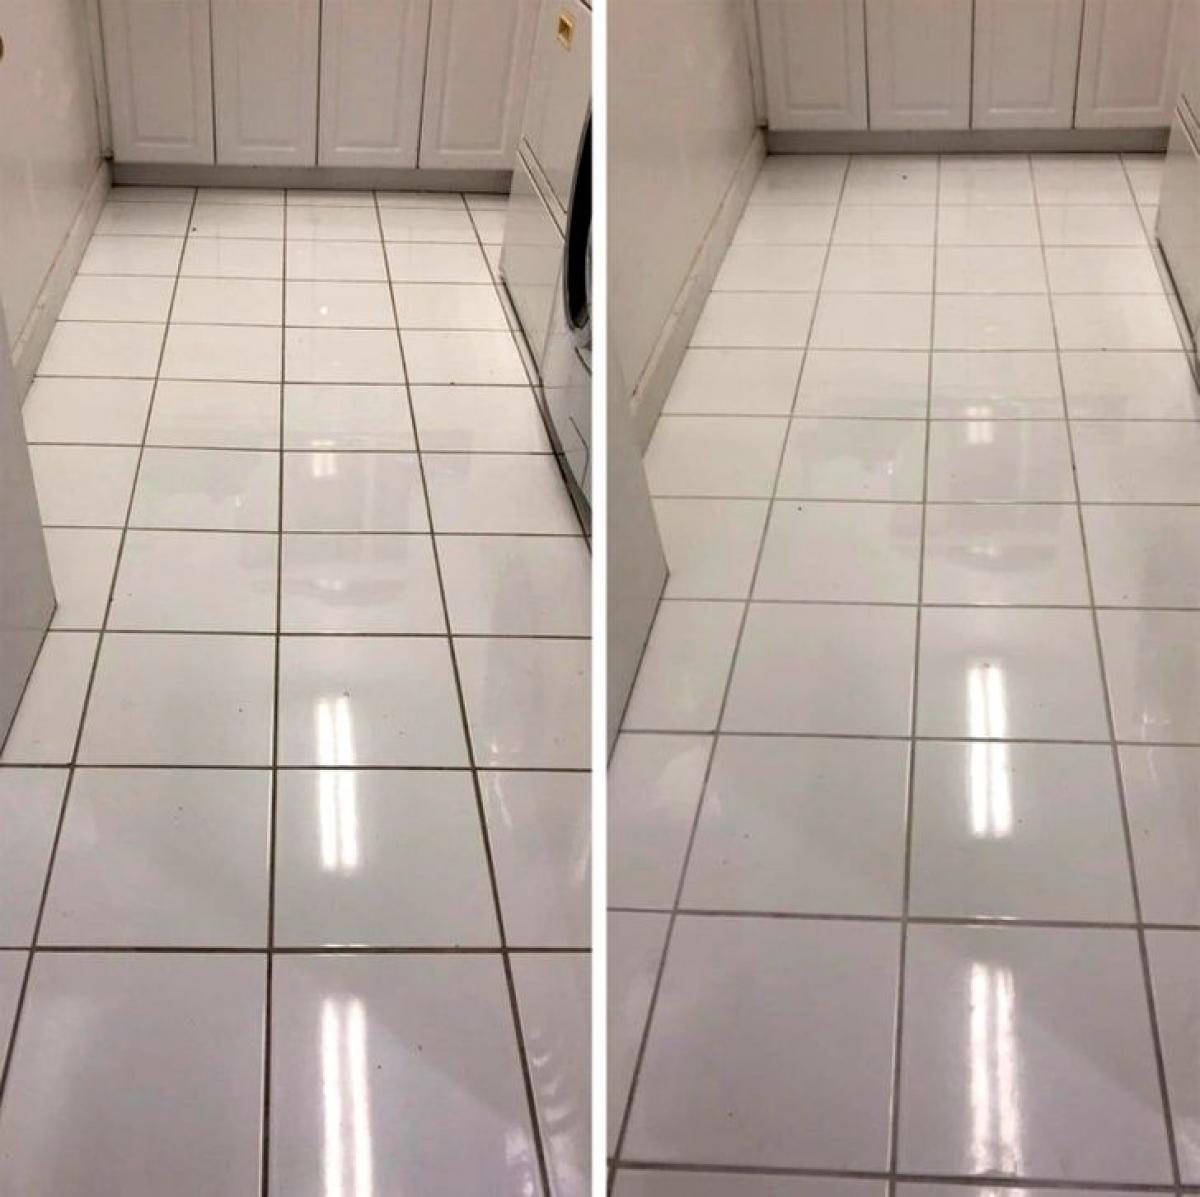 Chỉ cần nhìn vào các khe sàn nhà tắm cũng cảm nhận được sự khác biệt.